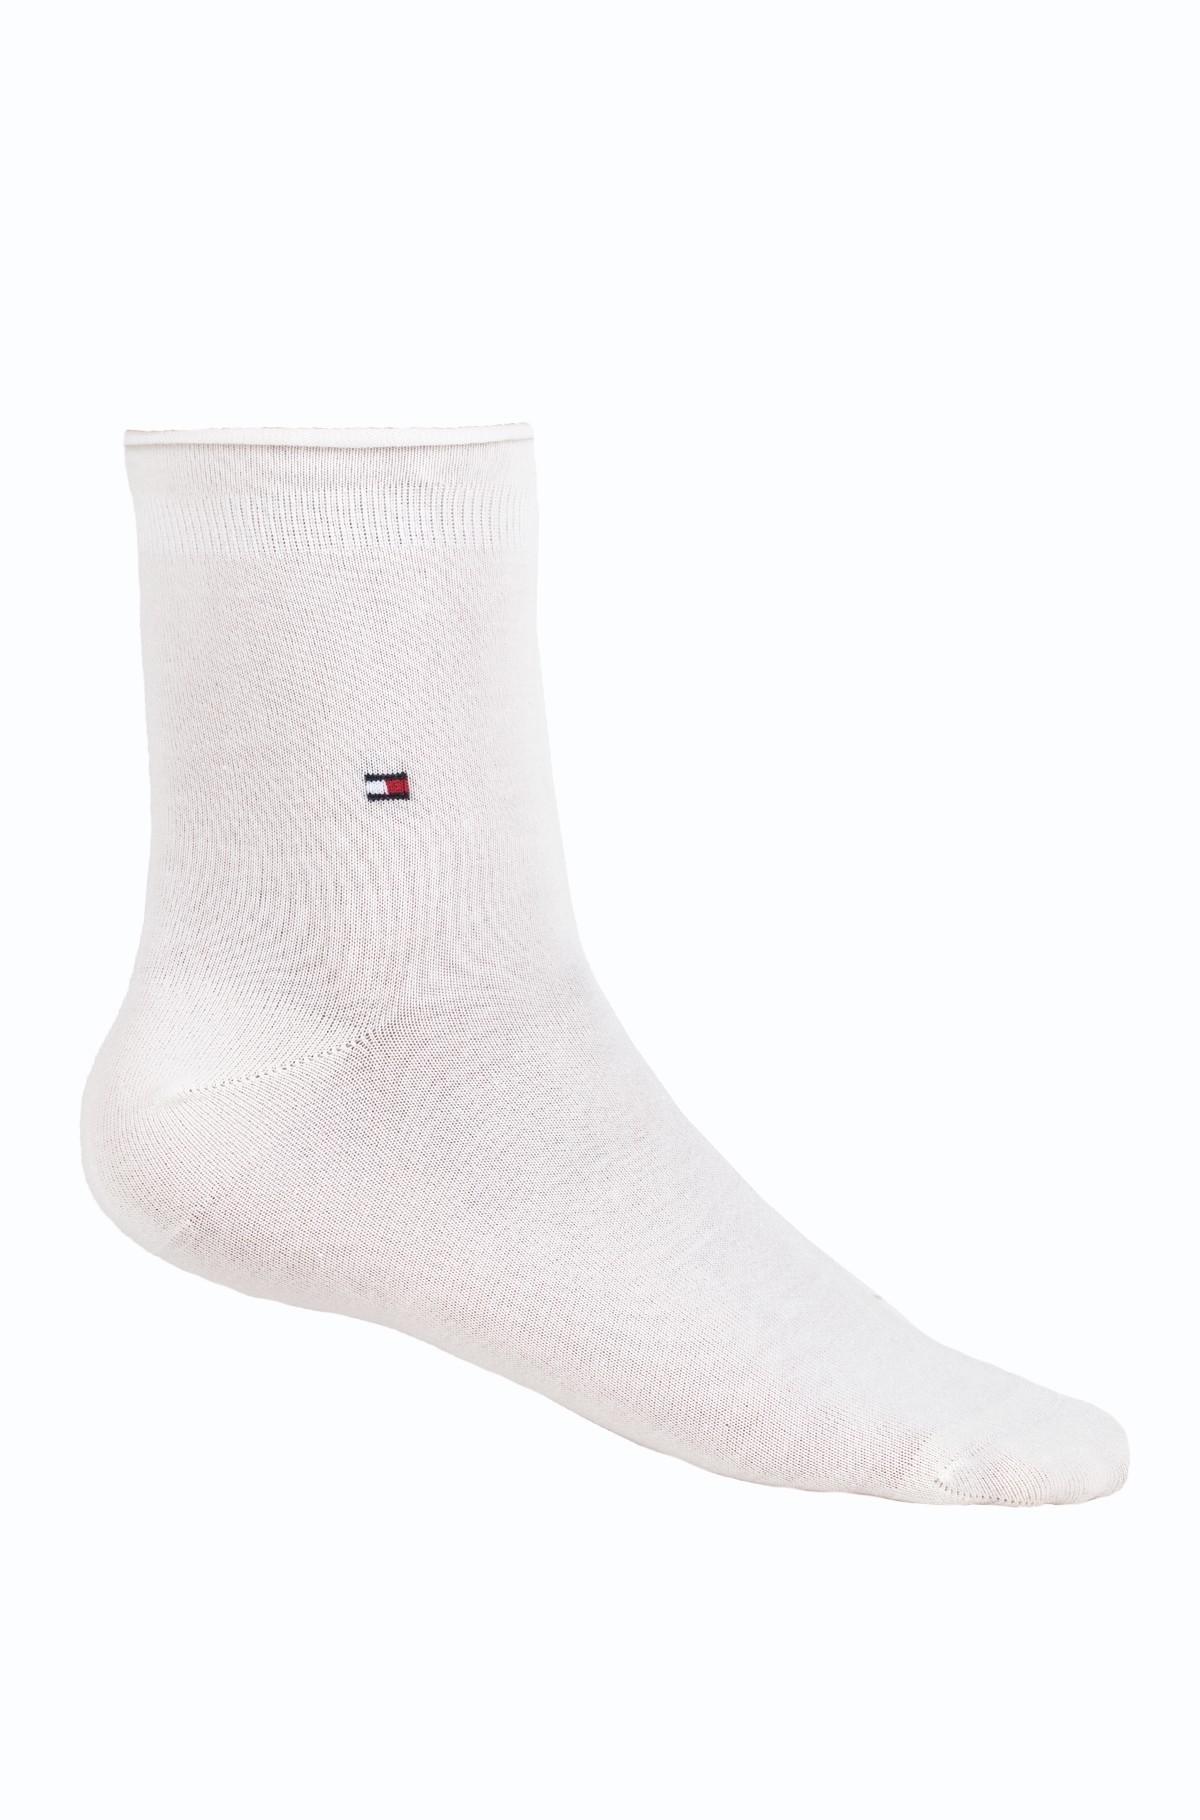 Socks 443029001-full-1